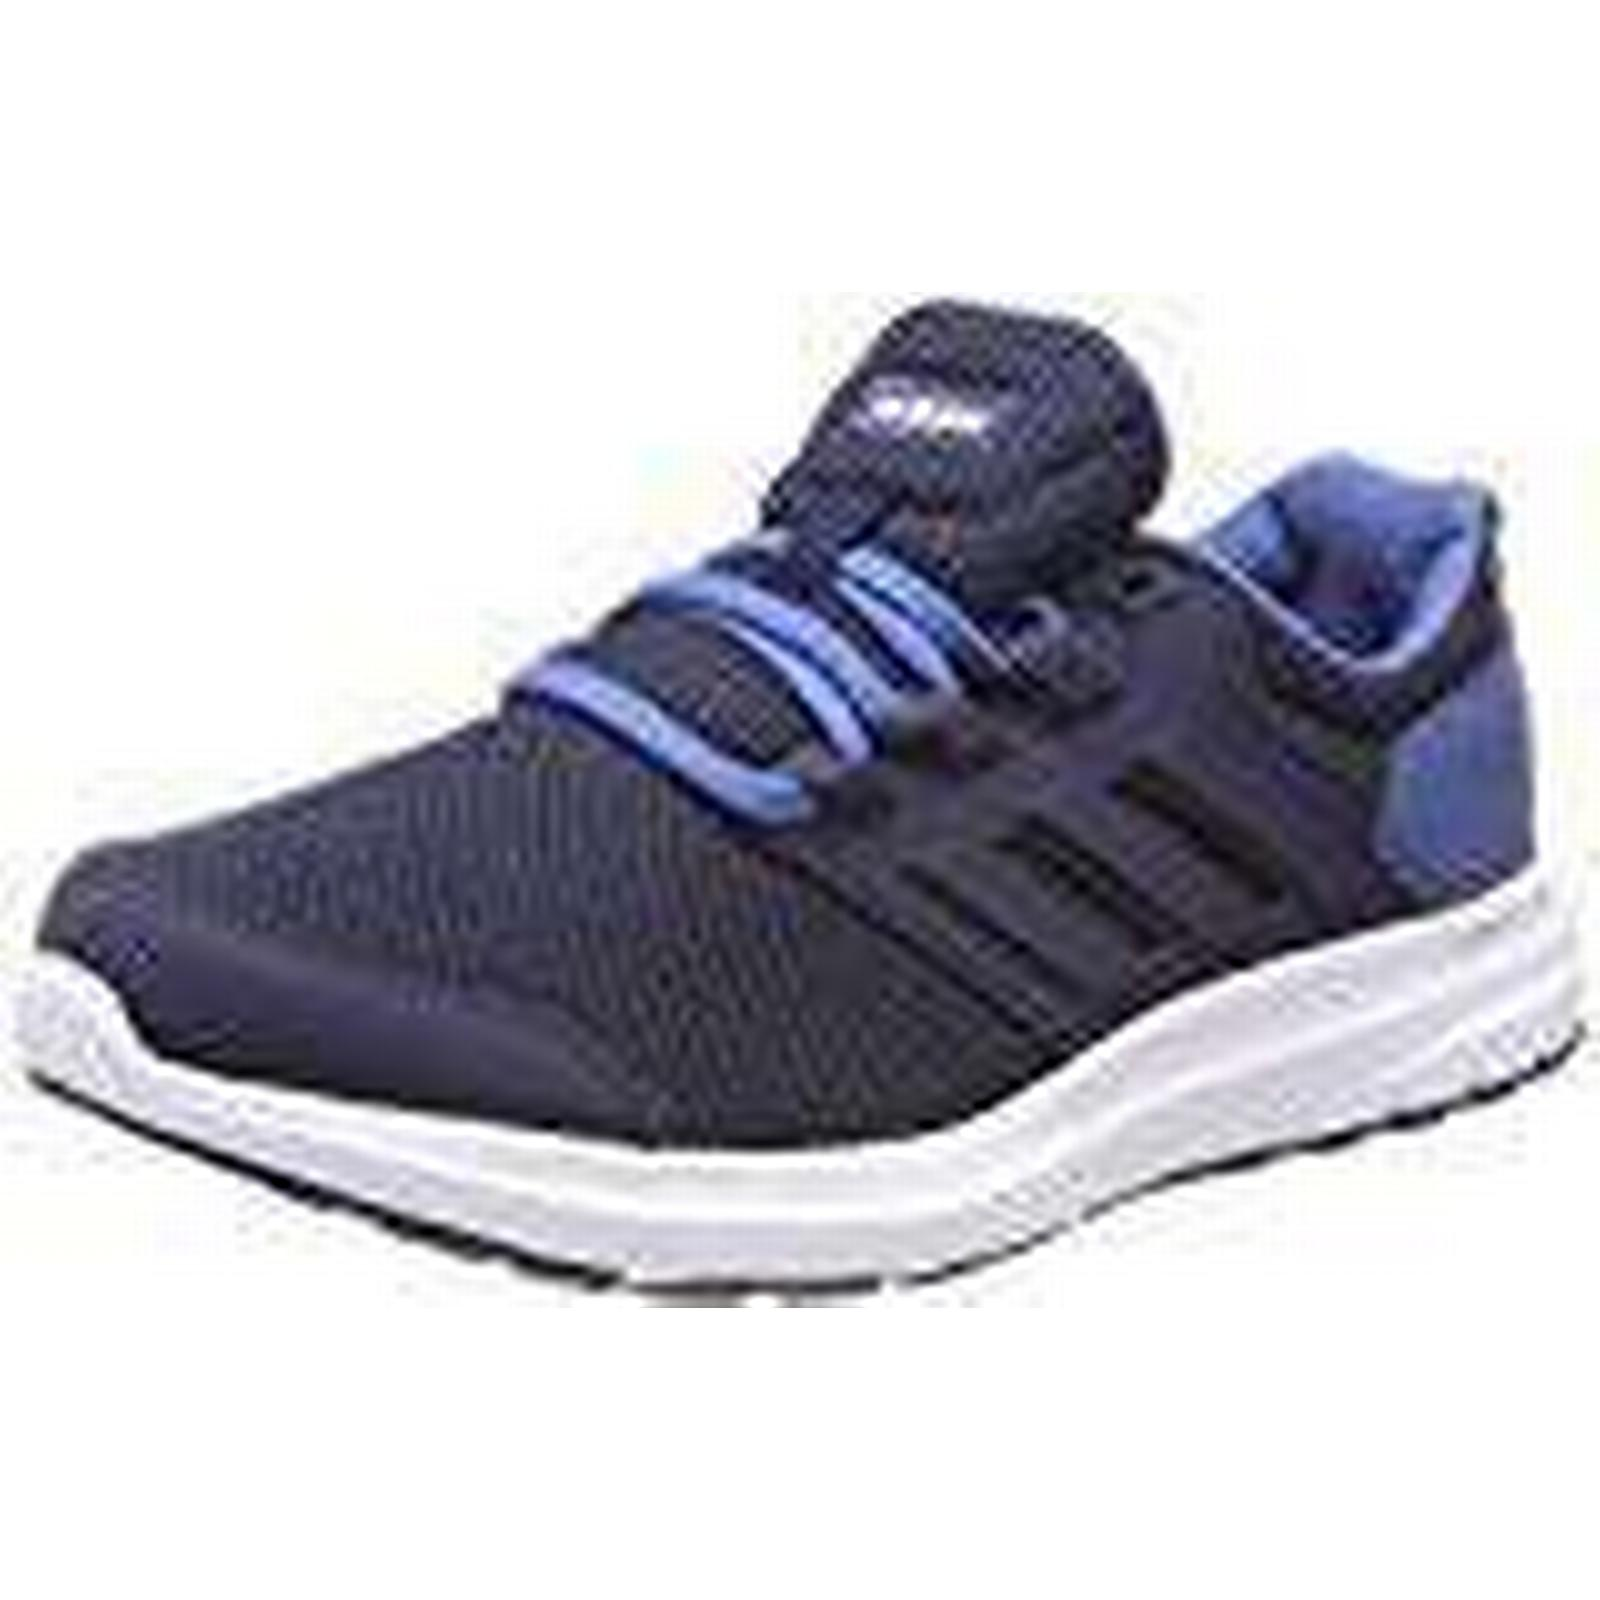 Adidas Men''s Galaxy 4 Running Shoes, UK Collegiate Navy/Ash Blue, 11.5 UK Shoes, 46 2/3 EU 0da53c